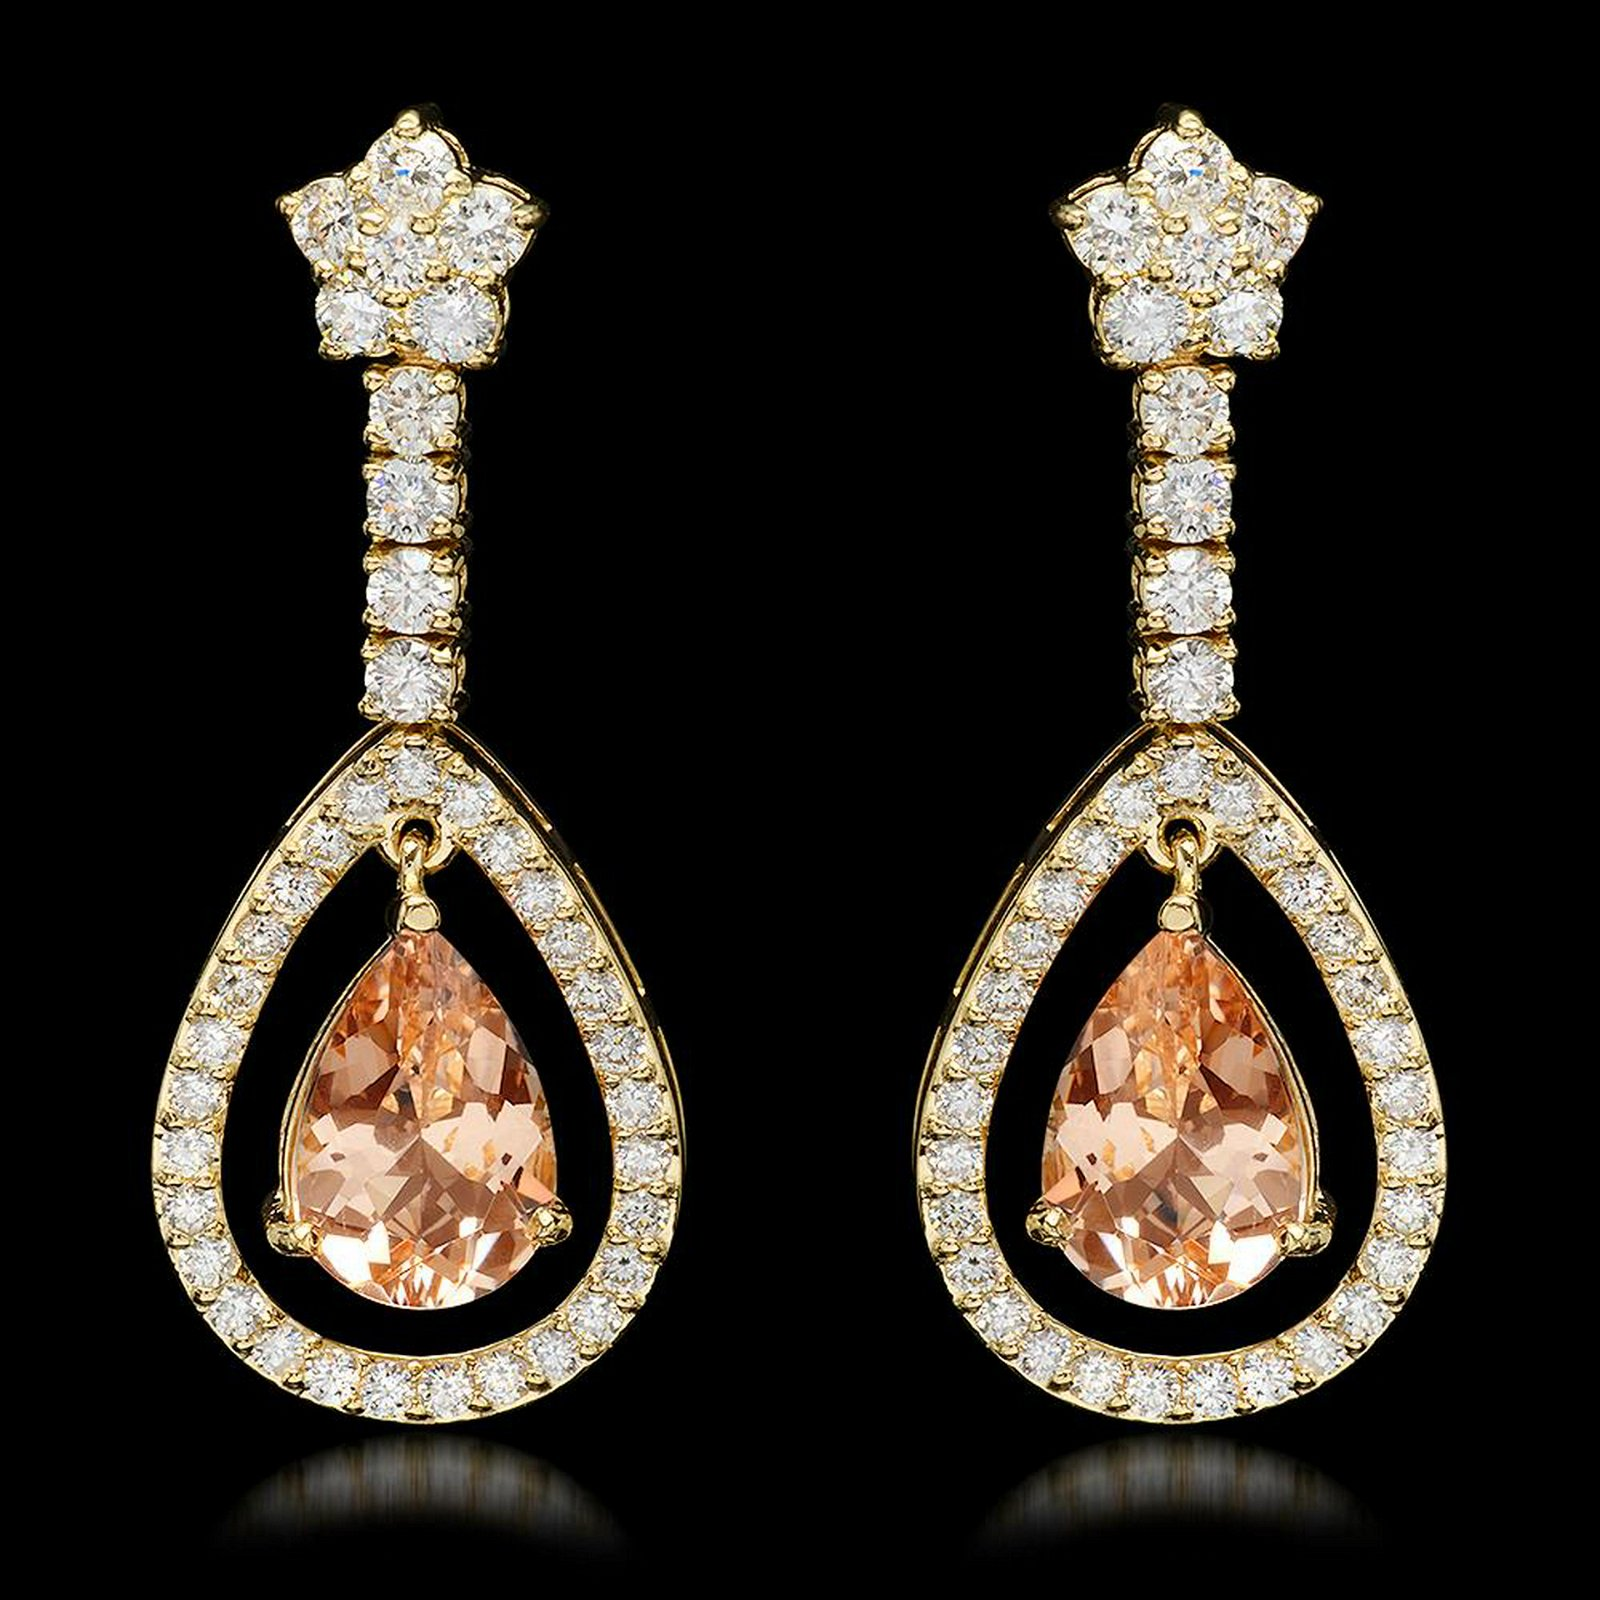 14k Yellow Gold 5.10ct Morganite 2.75ct Diamond